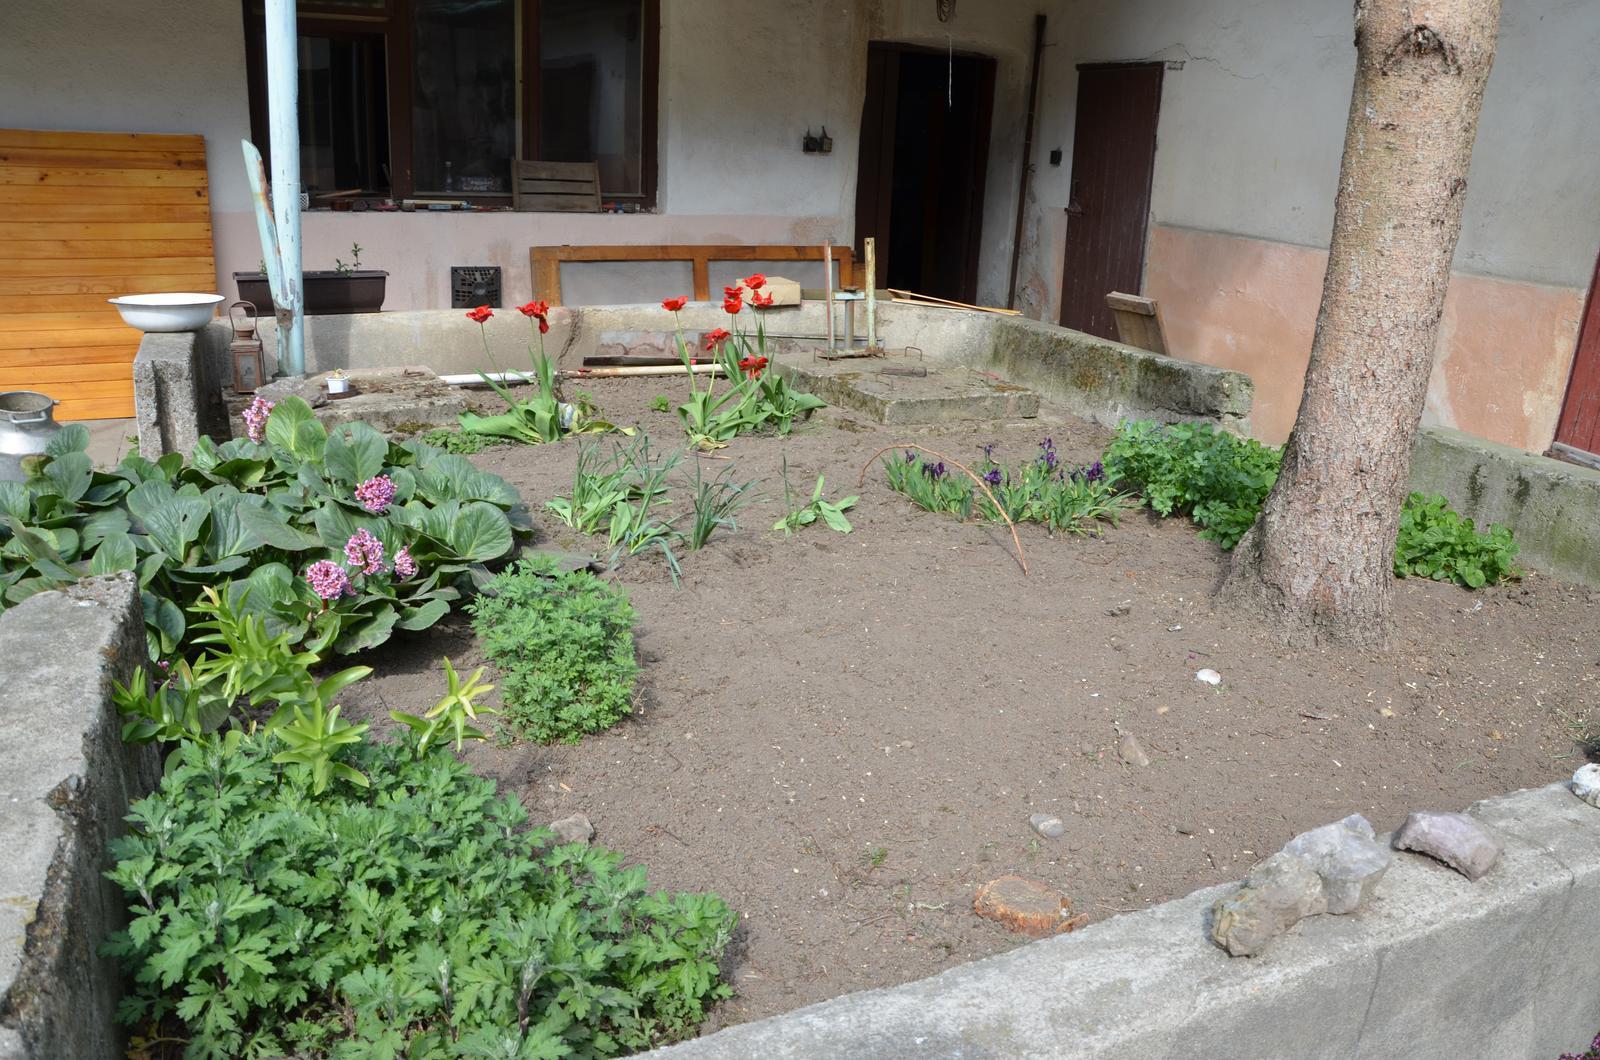 Vysněná zahrada... - bylinky bych asi chtela po obvodu, aby se k nim dalo snadno dostat